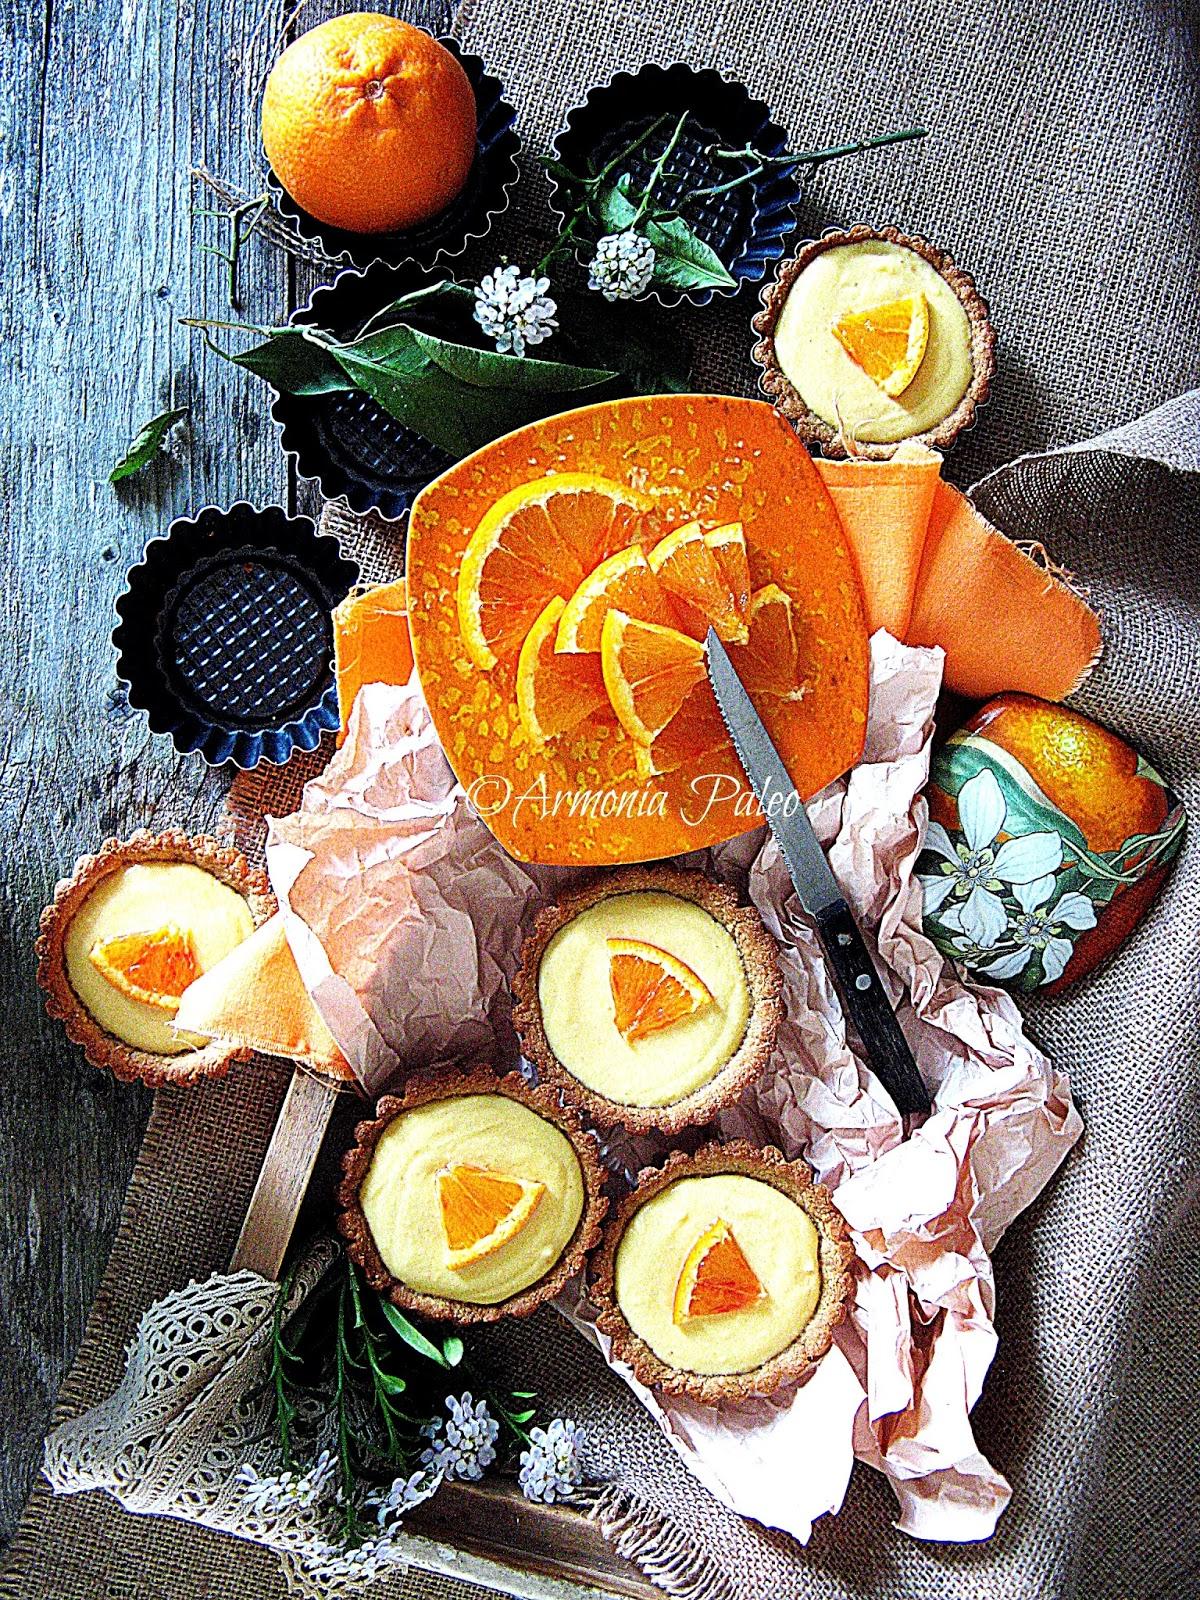 Crostatine con Zigolo Dolce all'Arancia di Armonia Paleo